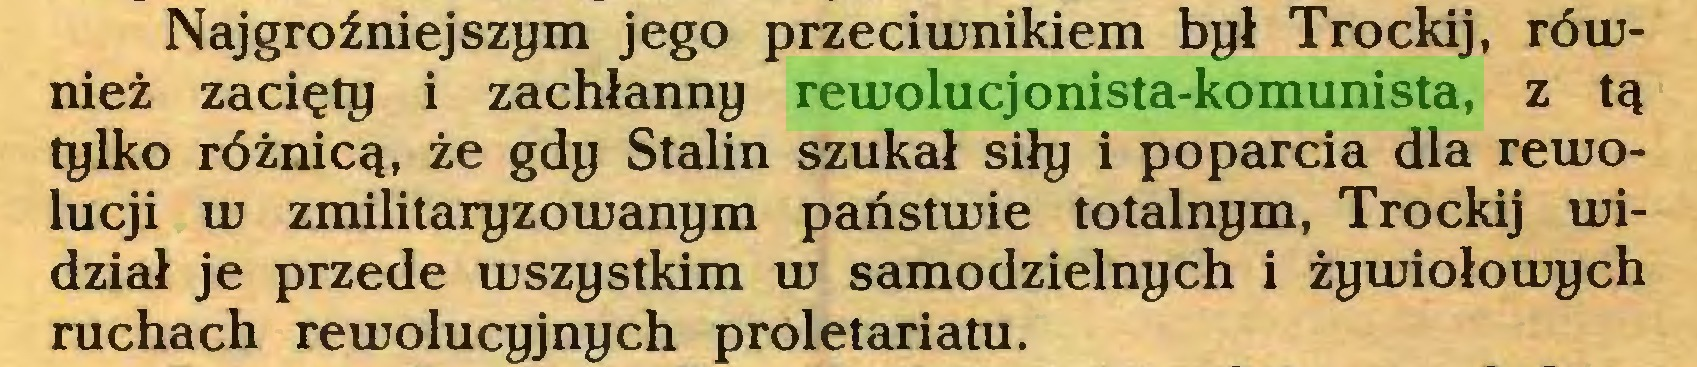 (...) Najgroźniejszym jego przeciwnikiem był Trockij, również zacięty i zachłanny rewolucjonista-komunista, z tą tylko różnicą, że gdy Stalin szukał siły i poparcia dla rewolucji w zmilitaryzowanym państwie totalnym, Trockij widział je przede wszystkim w samodzielnych i żywiołowych ruchach rewolucyjnych proletariatu...